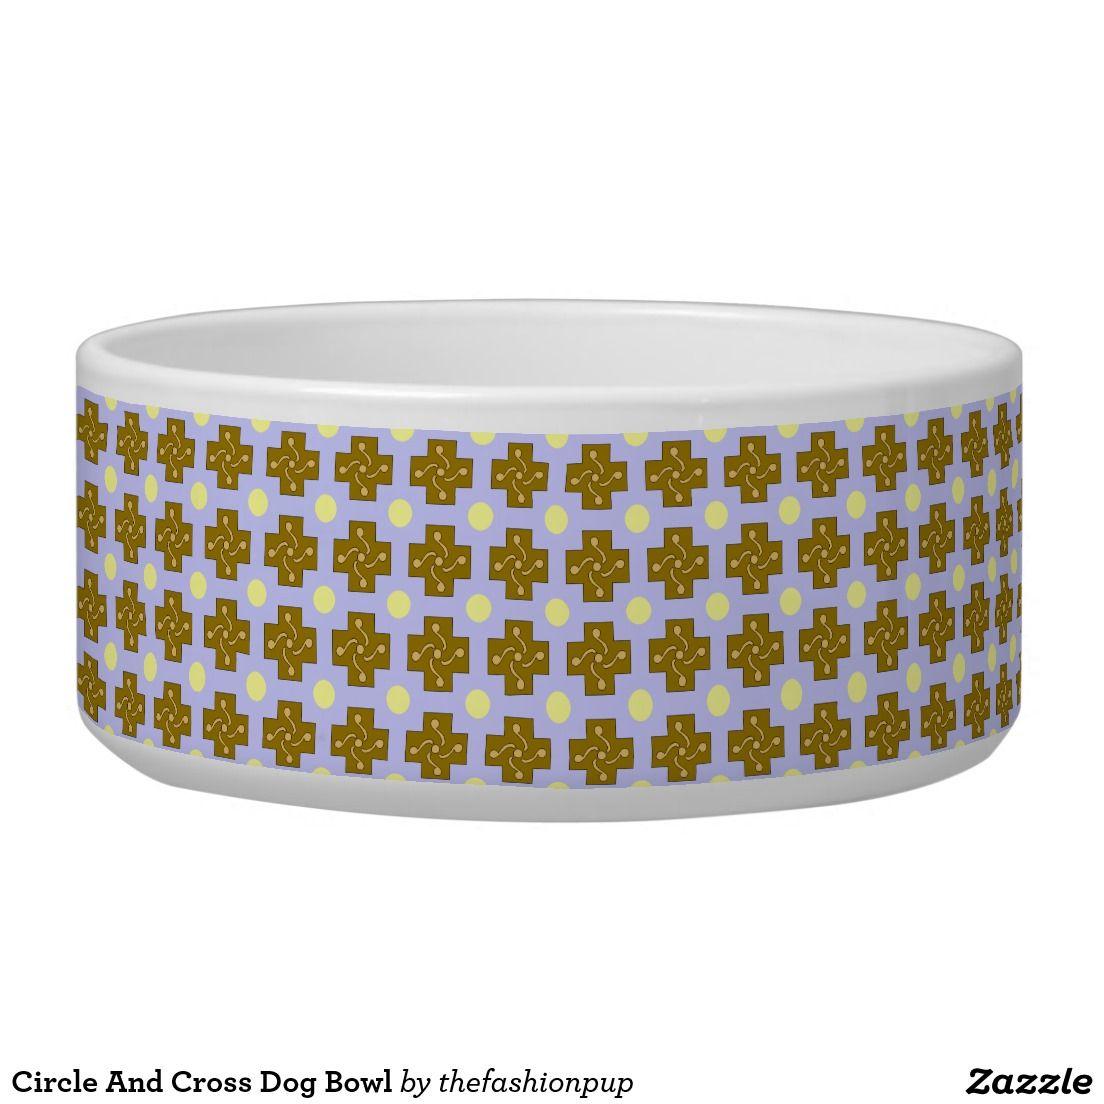 Circle and cross dog bowl dog bowls dogs